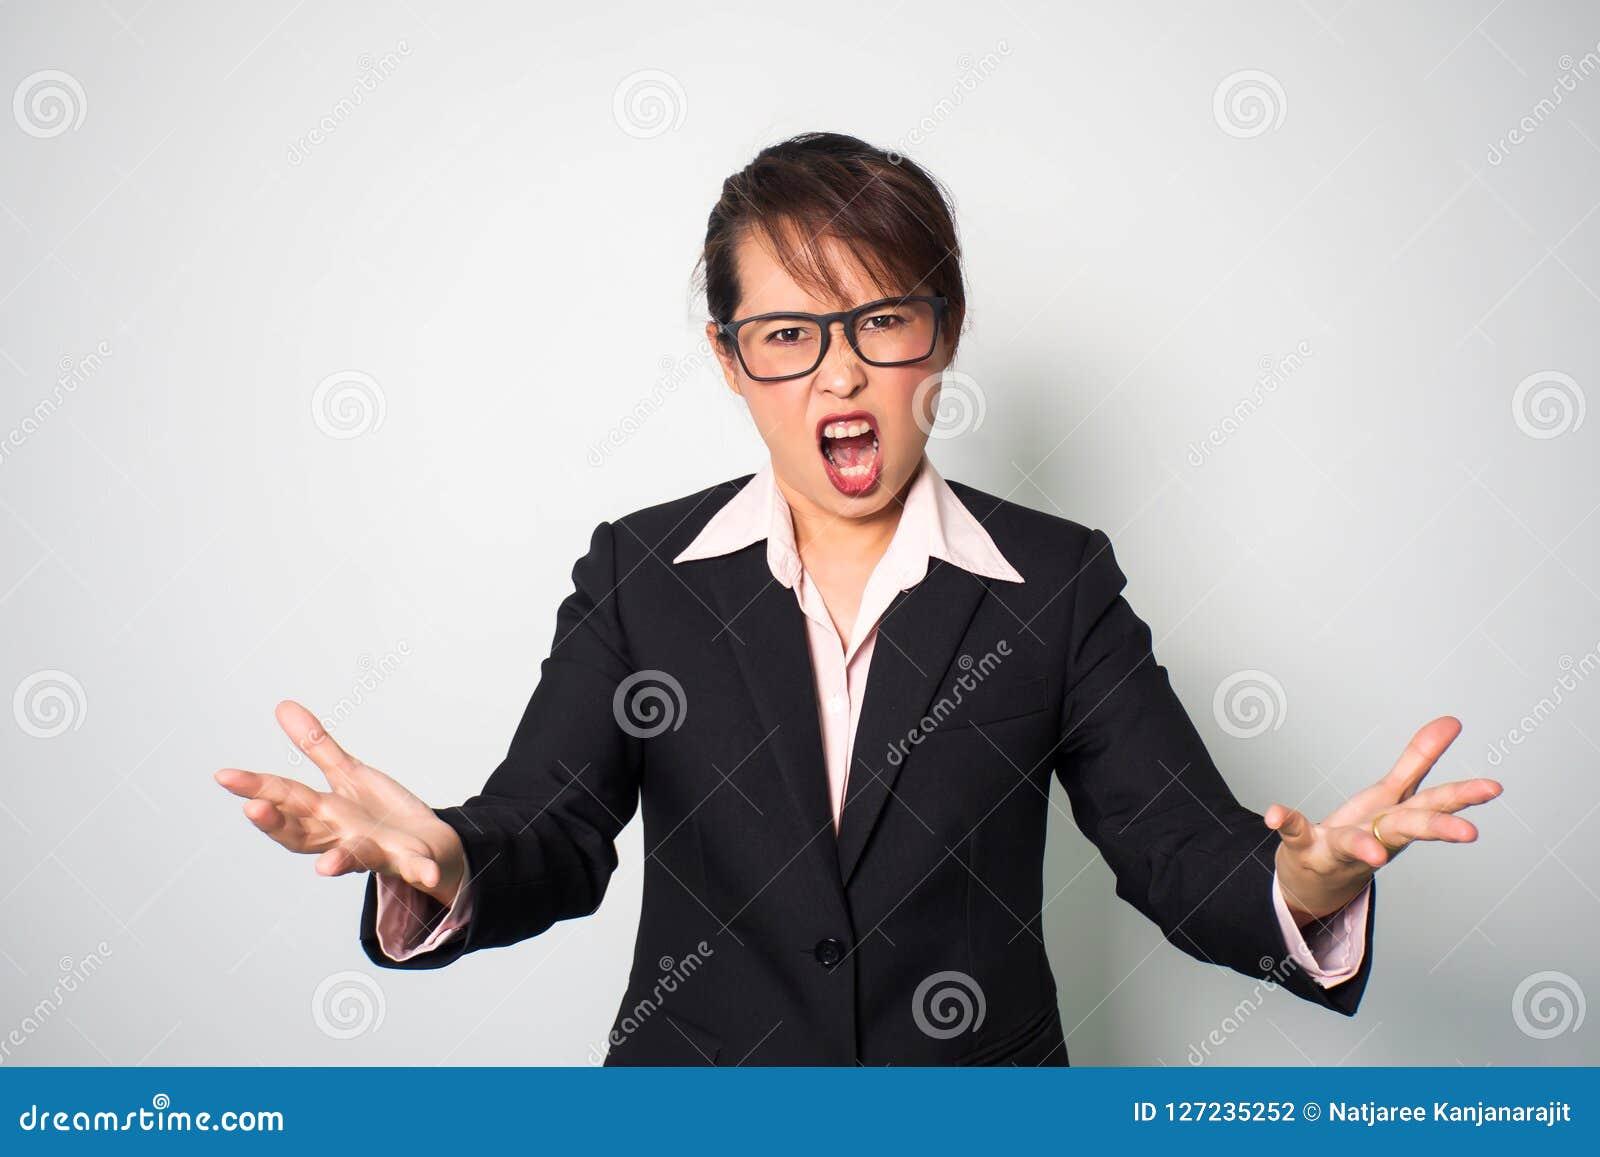 Boze vrouw Vooruit schreeuwend en houdend handen Emotionele portr